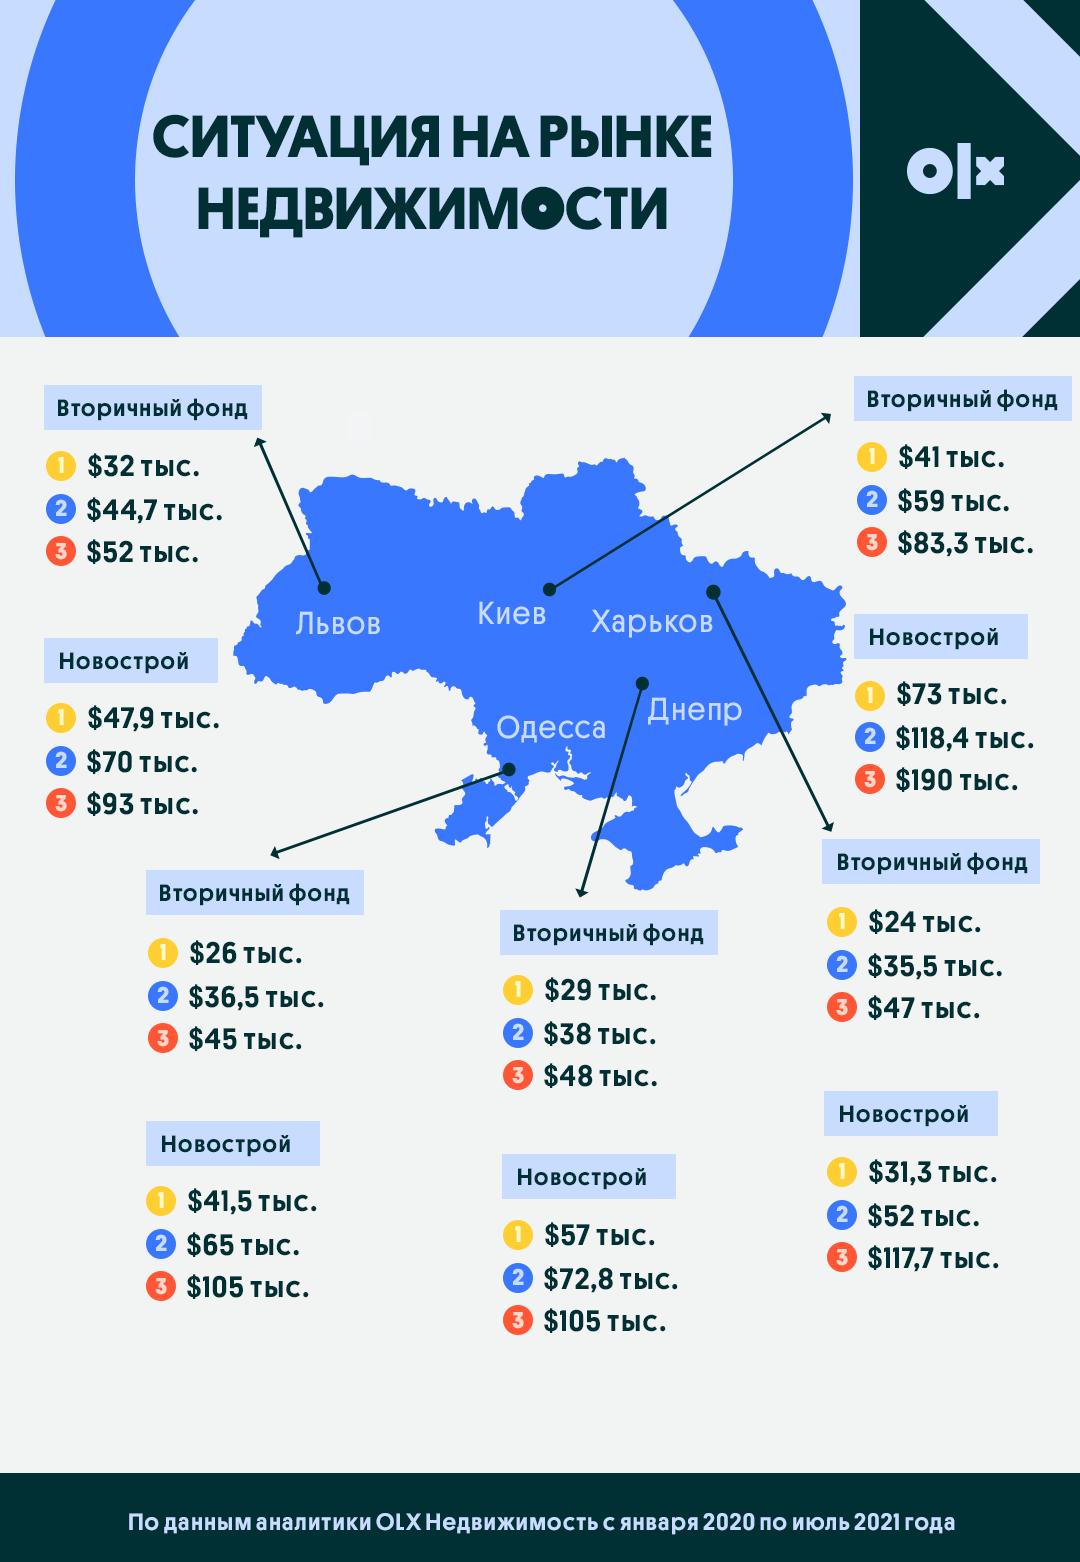 ИНФОГРАФИКА — Несмотря на пандемию, недвижимость в Украине подорожала на 15%, стройплощадки Киева - на 33% — фото 1